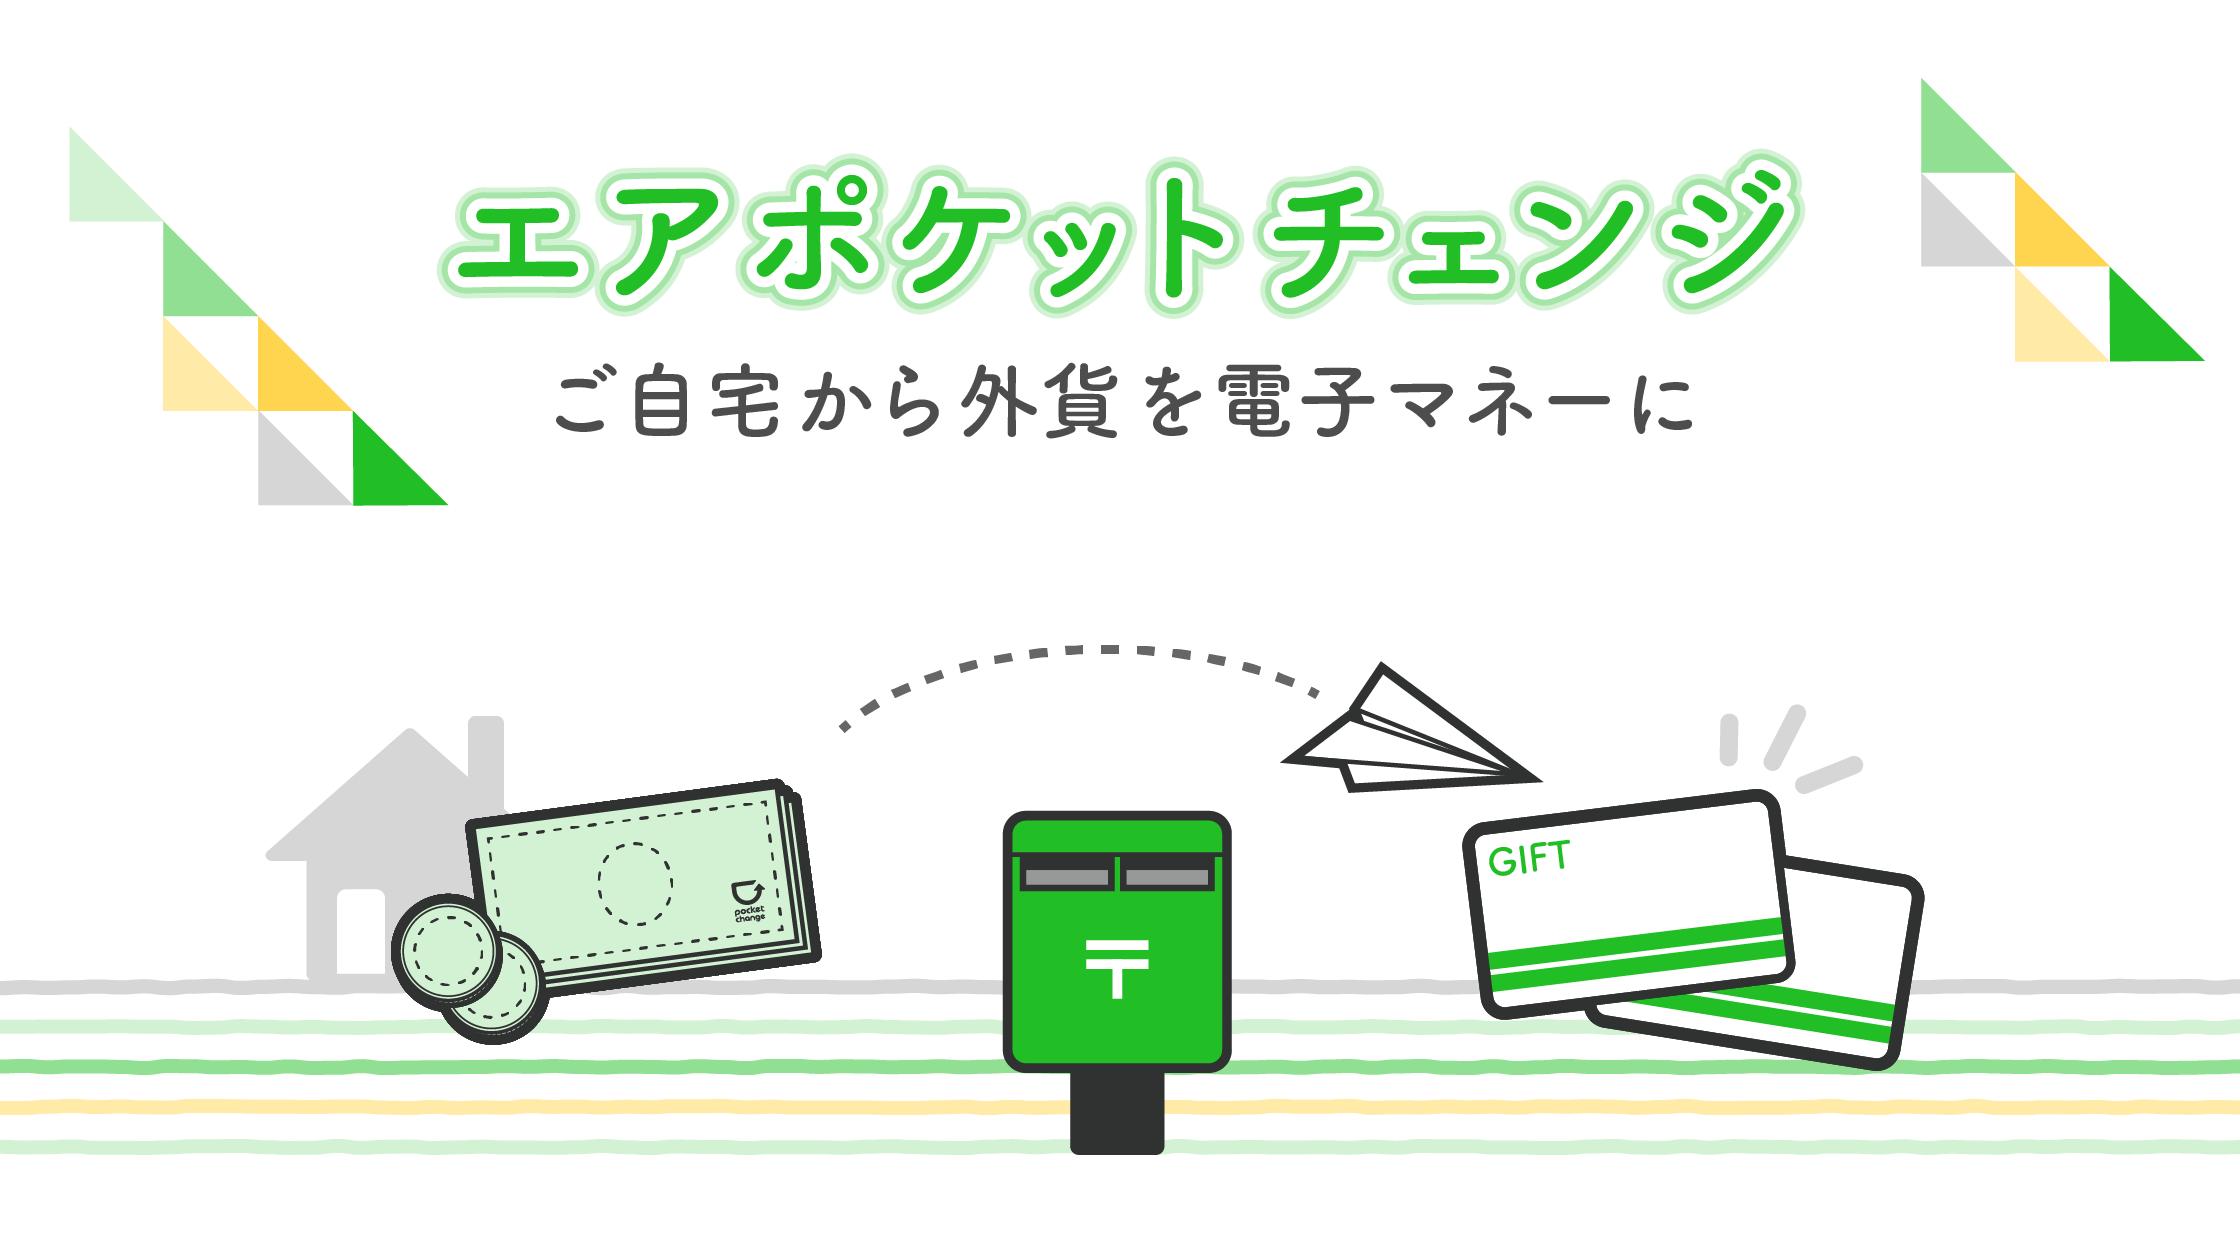 【キャンペーンは終了いたしました】外貨を送るだけで電子マネーに交換できる「エアポケットチェンジ」キャンペーン実施中!